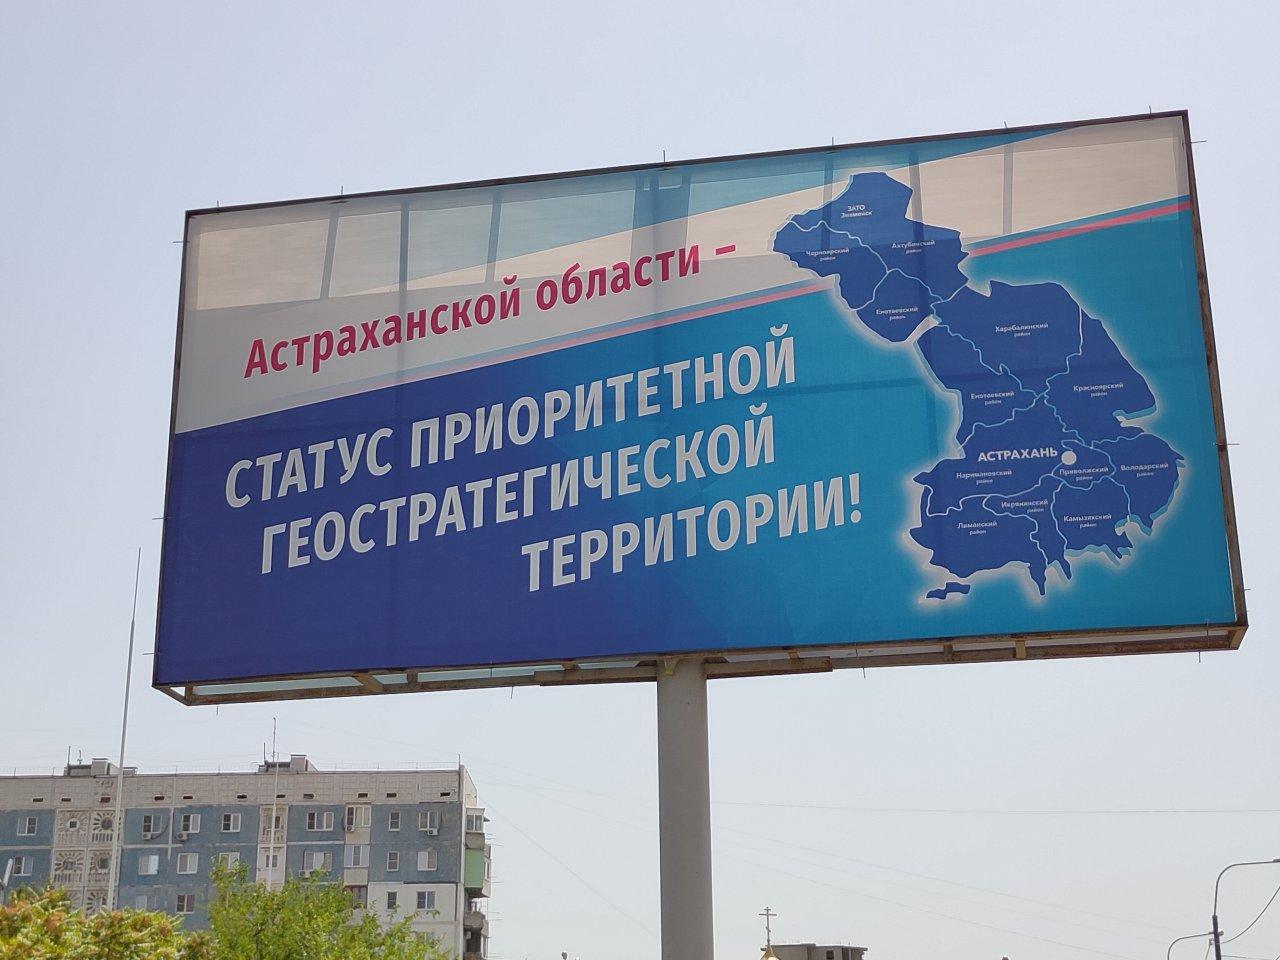 Статус приоритетной геостратегической территории даст Астраханской области много преимуществ